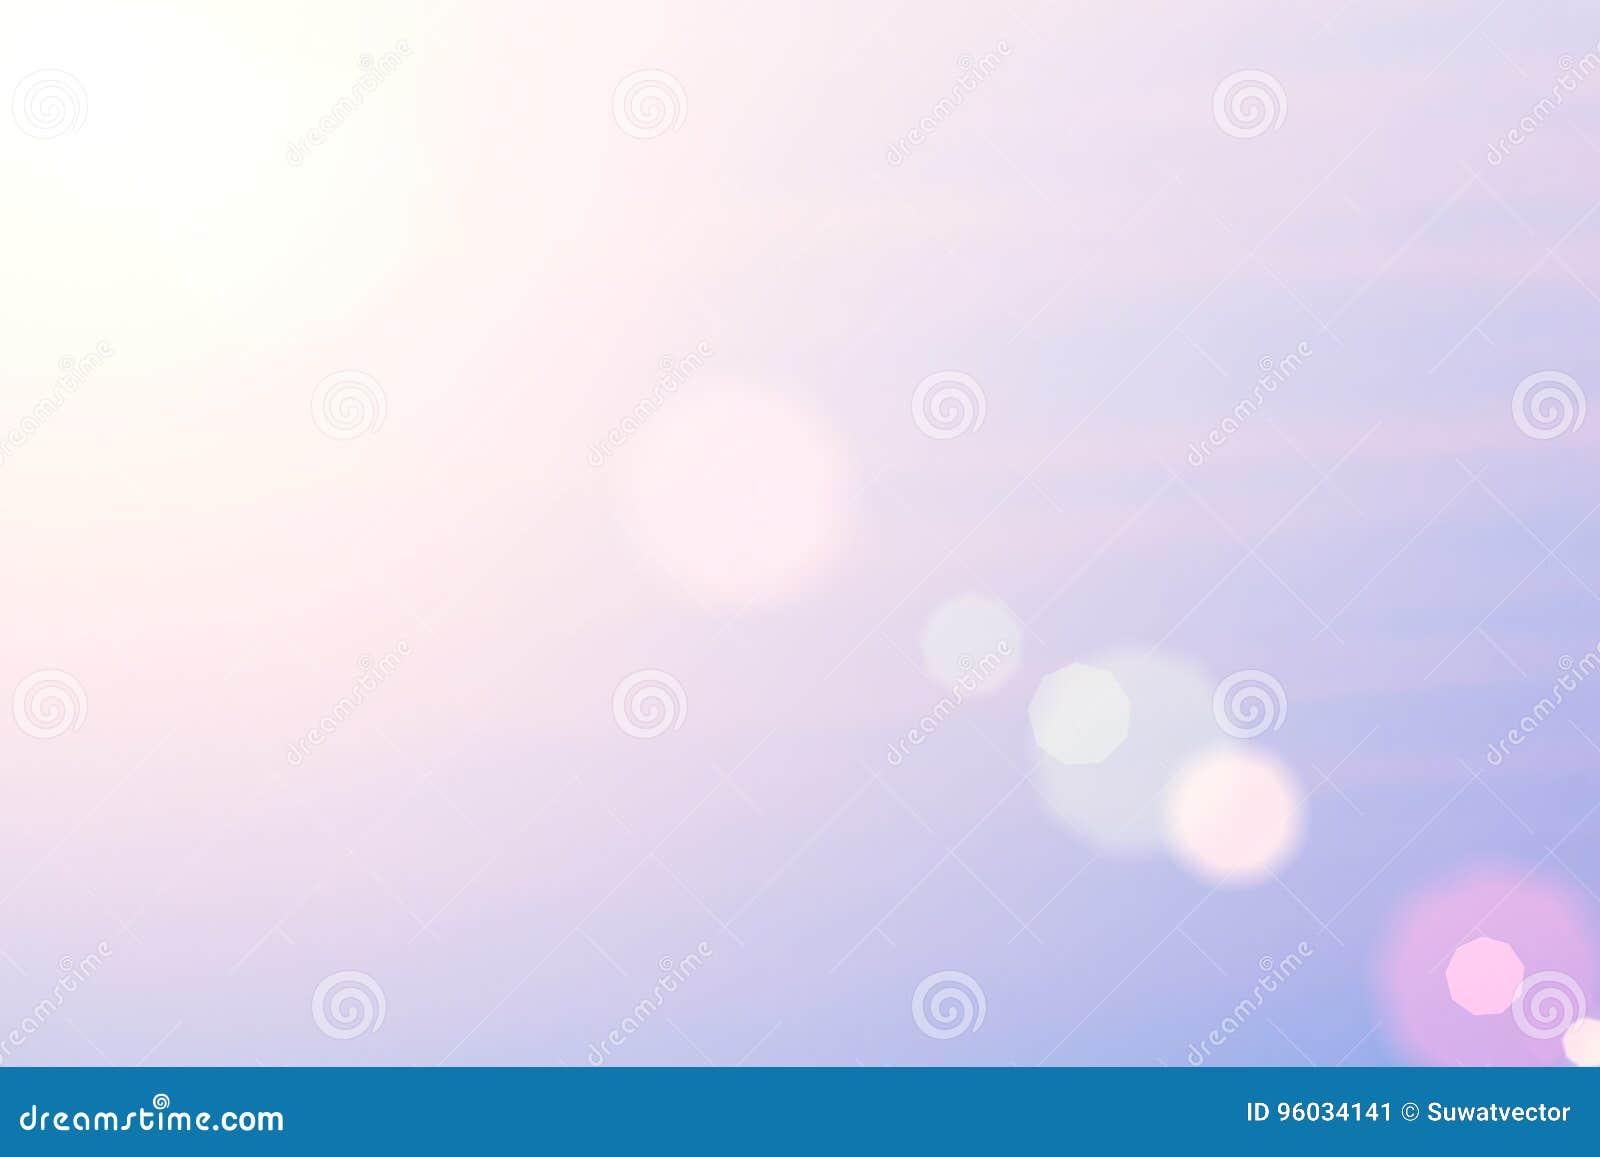 Ranku słońca światło - pomarańczowa gorąca strefa